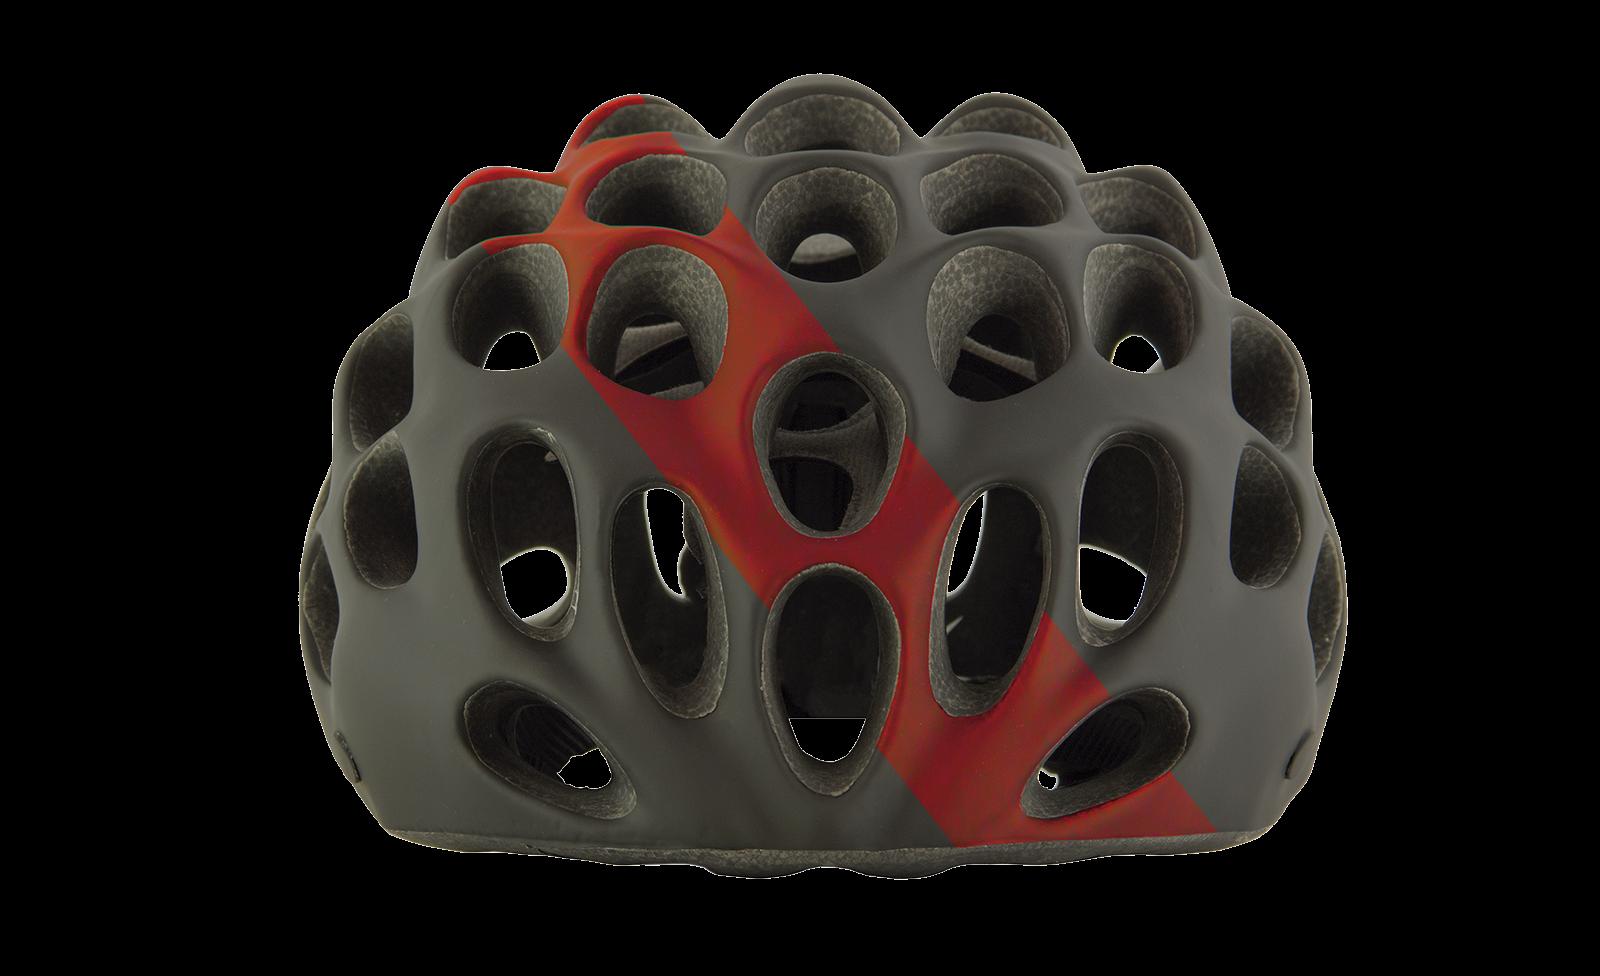 Catlike Casque WHISPER EVO BLACK-RED MATT